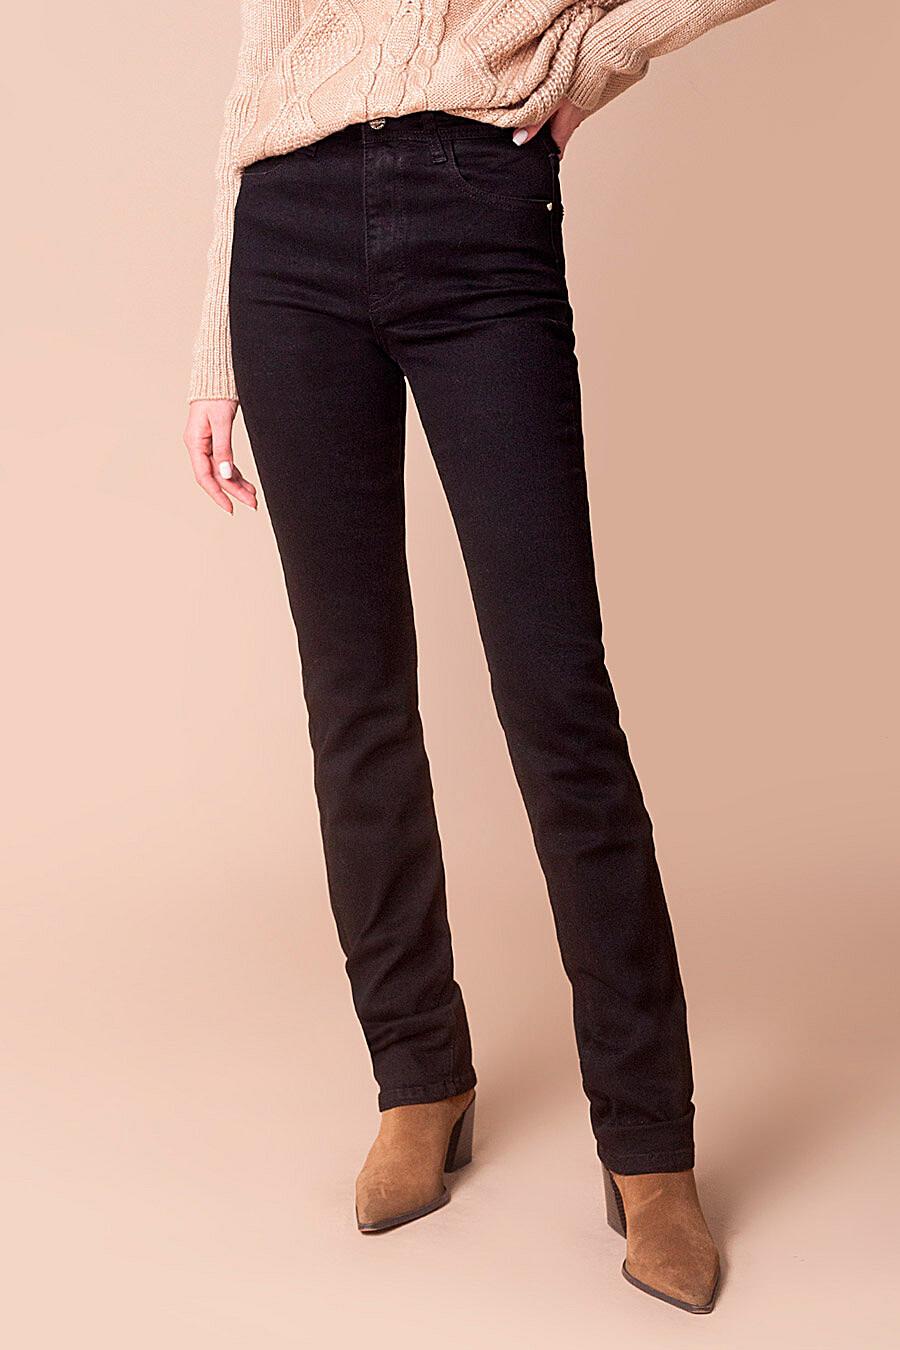 Джинсы для женщин VILATTE 707529 купить оптом от производителя. Совместная покупка женской одежды в OptMoyo